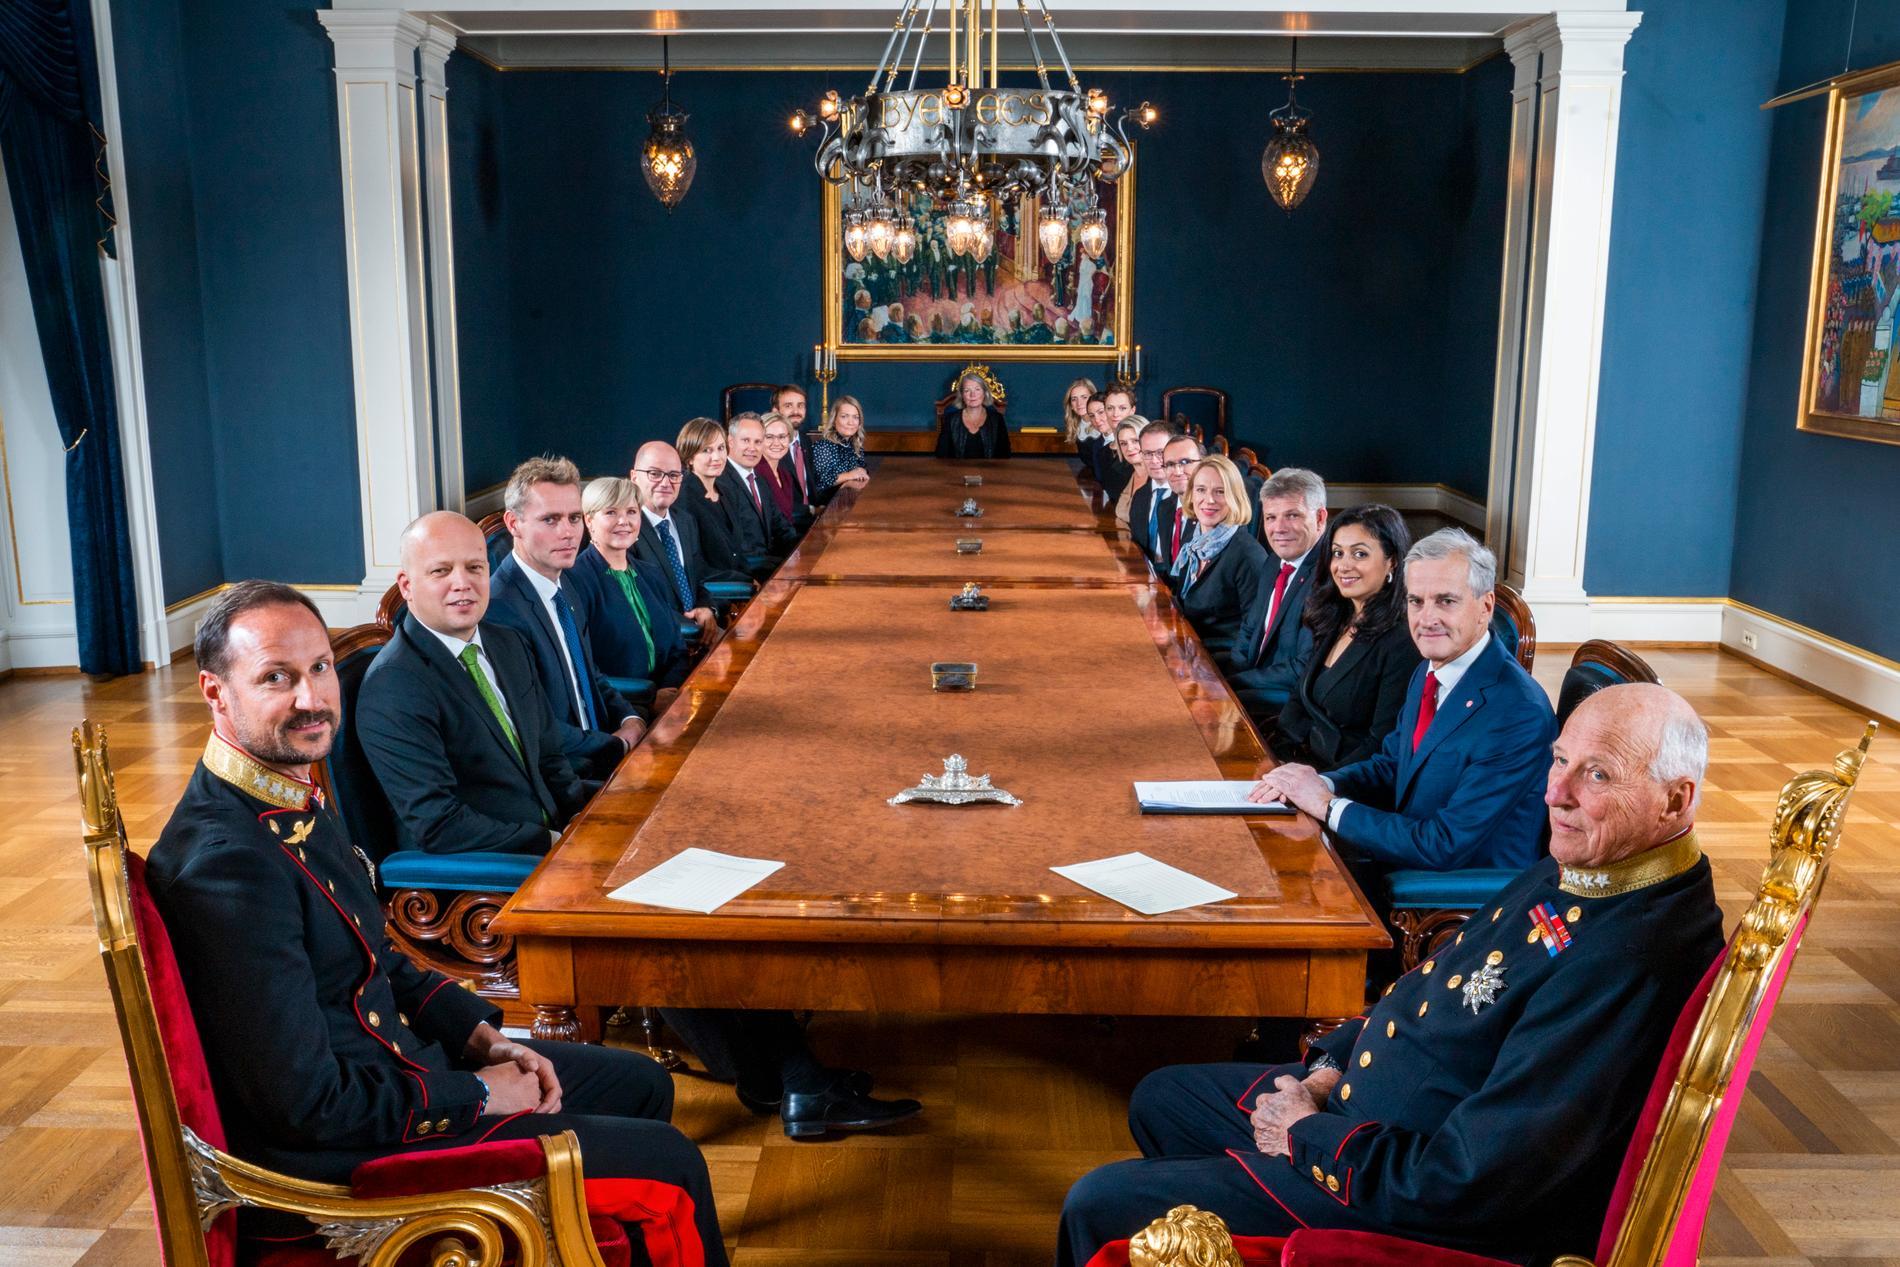 Den nya norska regeringen med norske kung Harald och kronprins Haakon. Nye statsministern Jonas Gahr Støre sitter till höger om kung Harald.